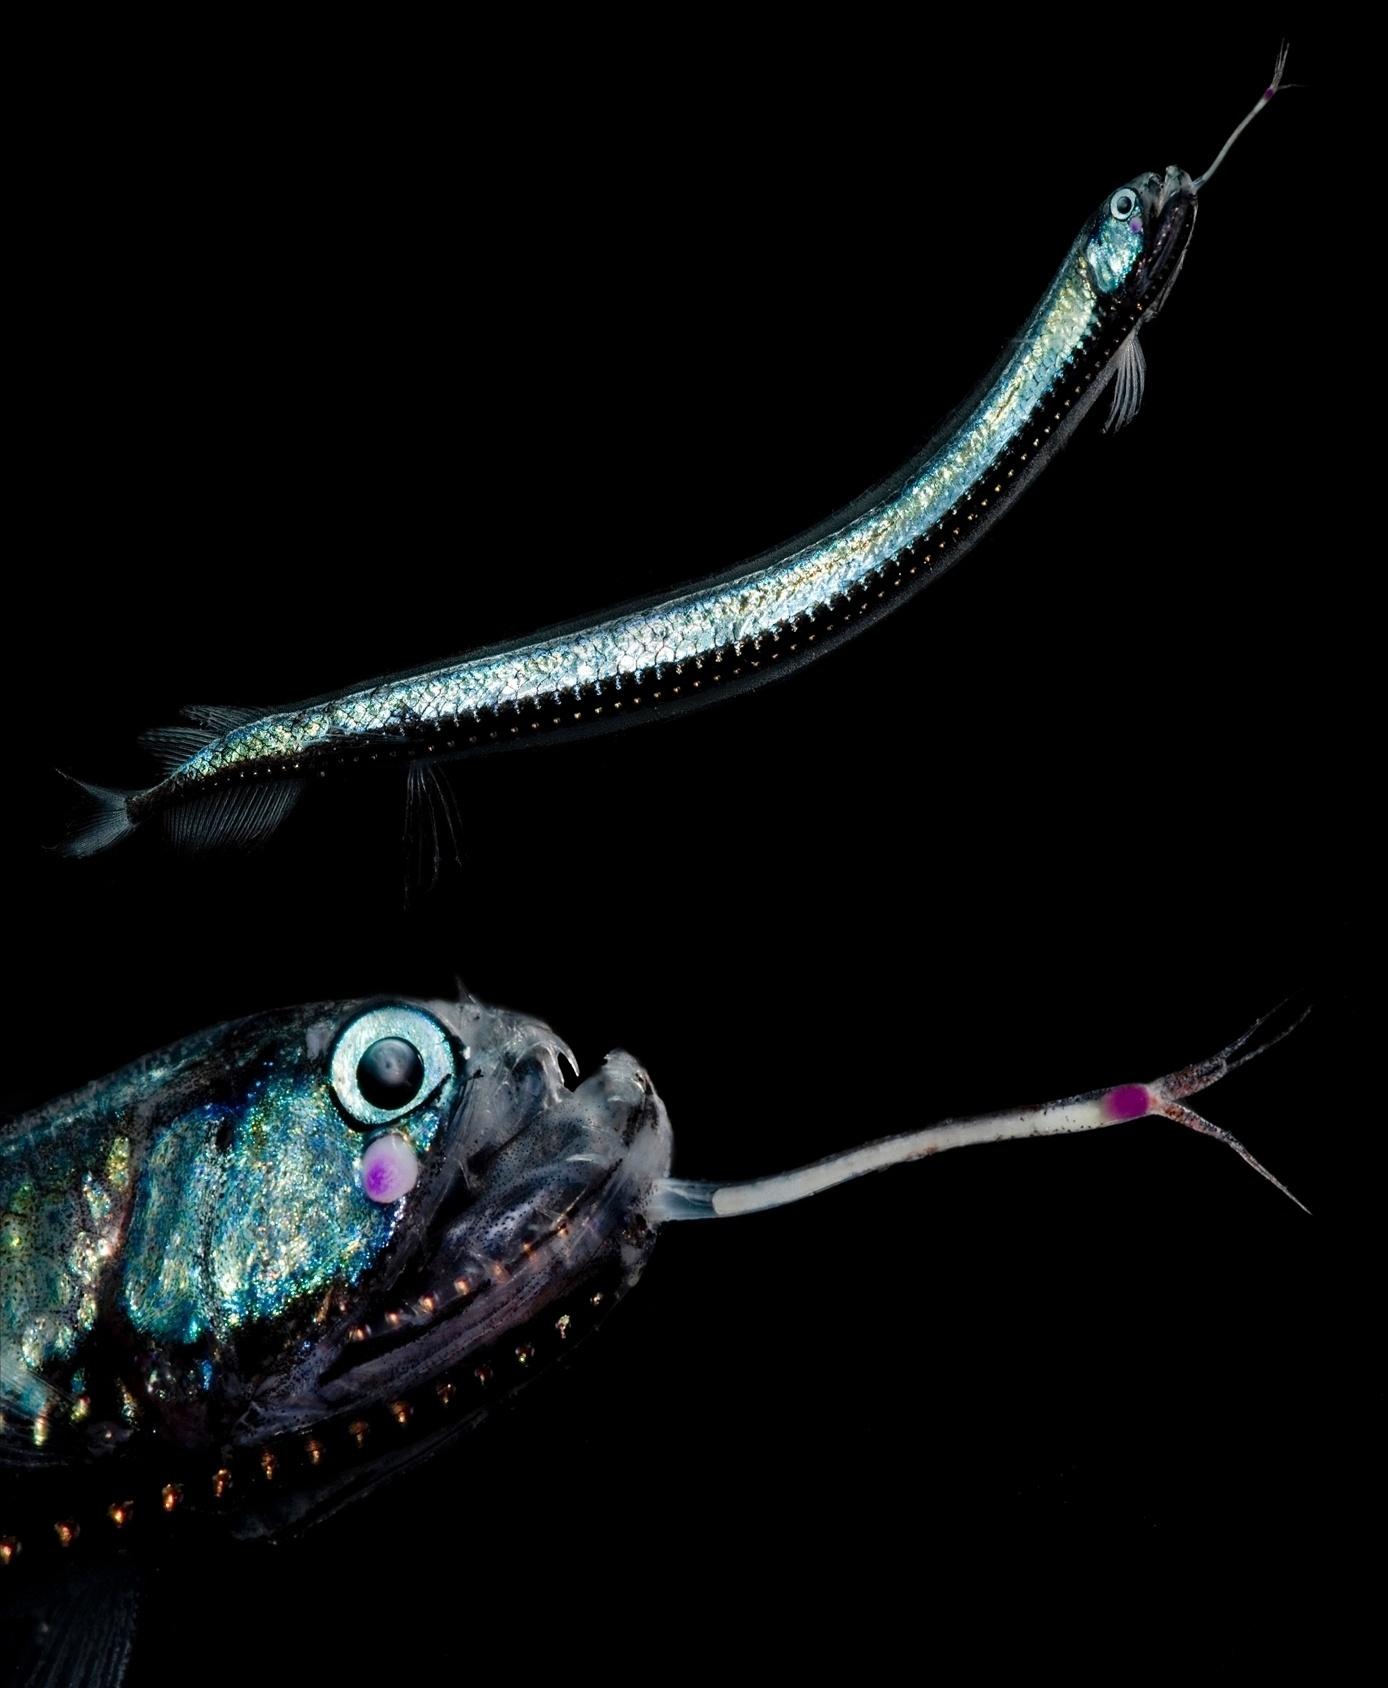 """5.jul.2016 ? O peixe """"boarfish de Günther"""", uma espécie de peixe-dragão com um fotóforo, foi encontrado pelo fotógrafo de animais selvagem Danté Fenolio no Golfo do México. O fotóforo é um órgão biológico que emite luz, o que ajuda o animal a se orientar na escuridão e pode também ajudar a atrair presas"""